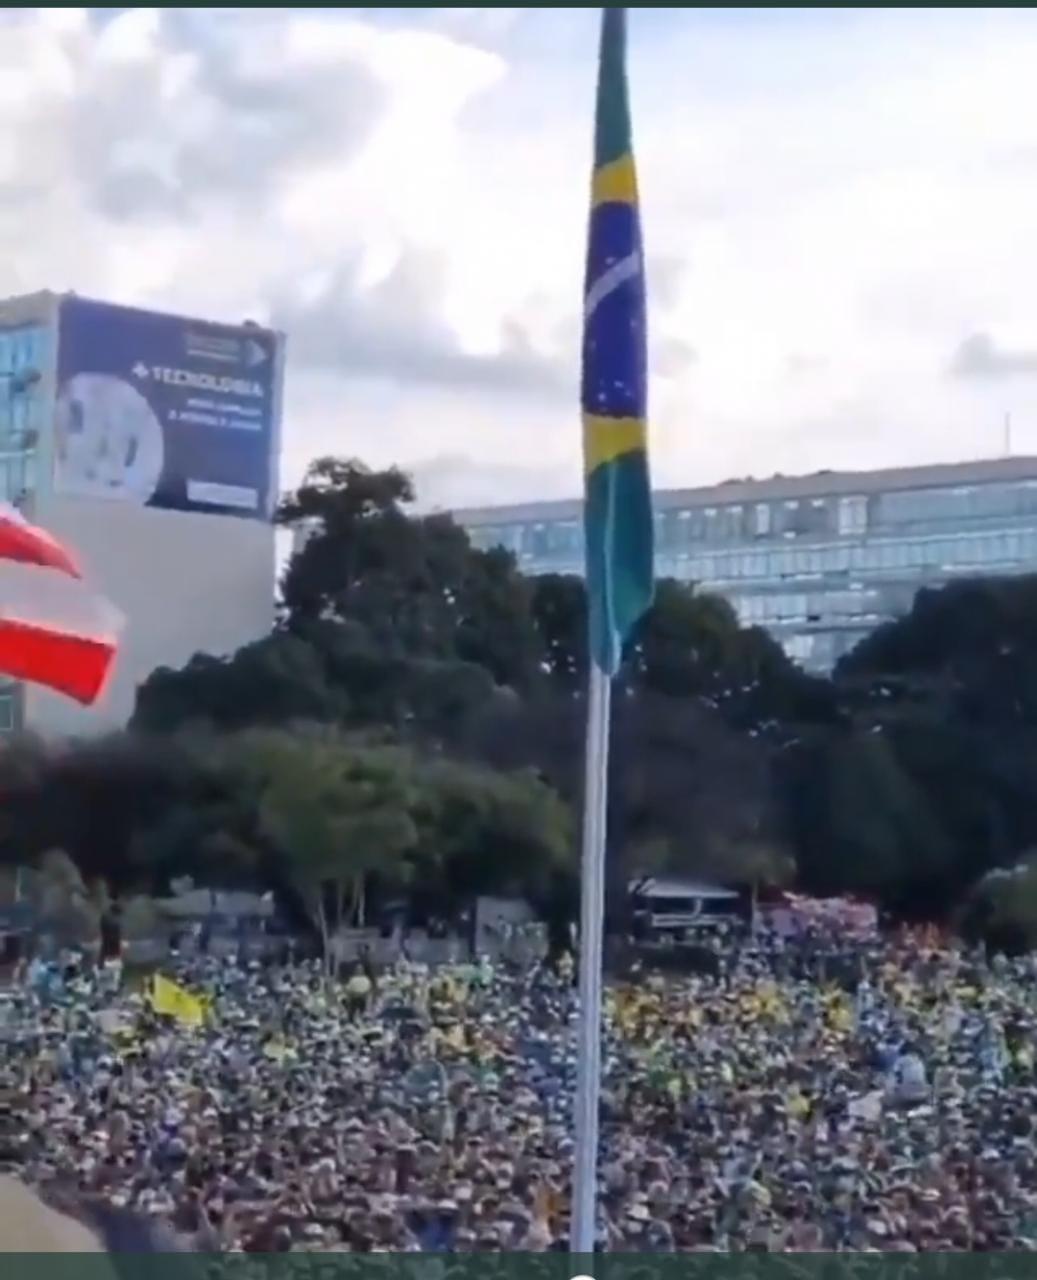 Em ato com Bolsonaro, manifestantes chamam Renan Calheiros de 'vagabundo', VEJA VÍDEO